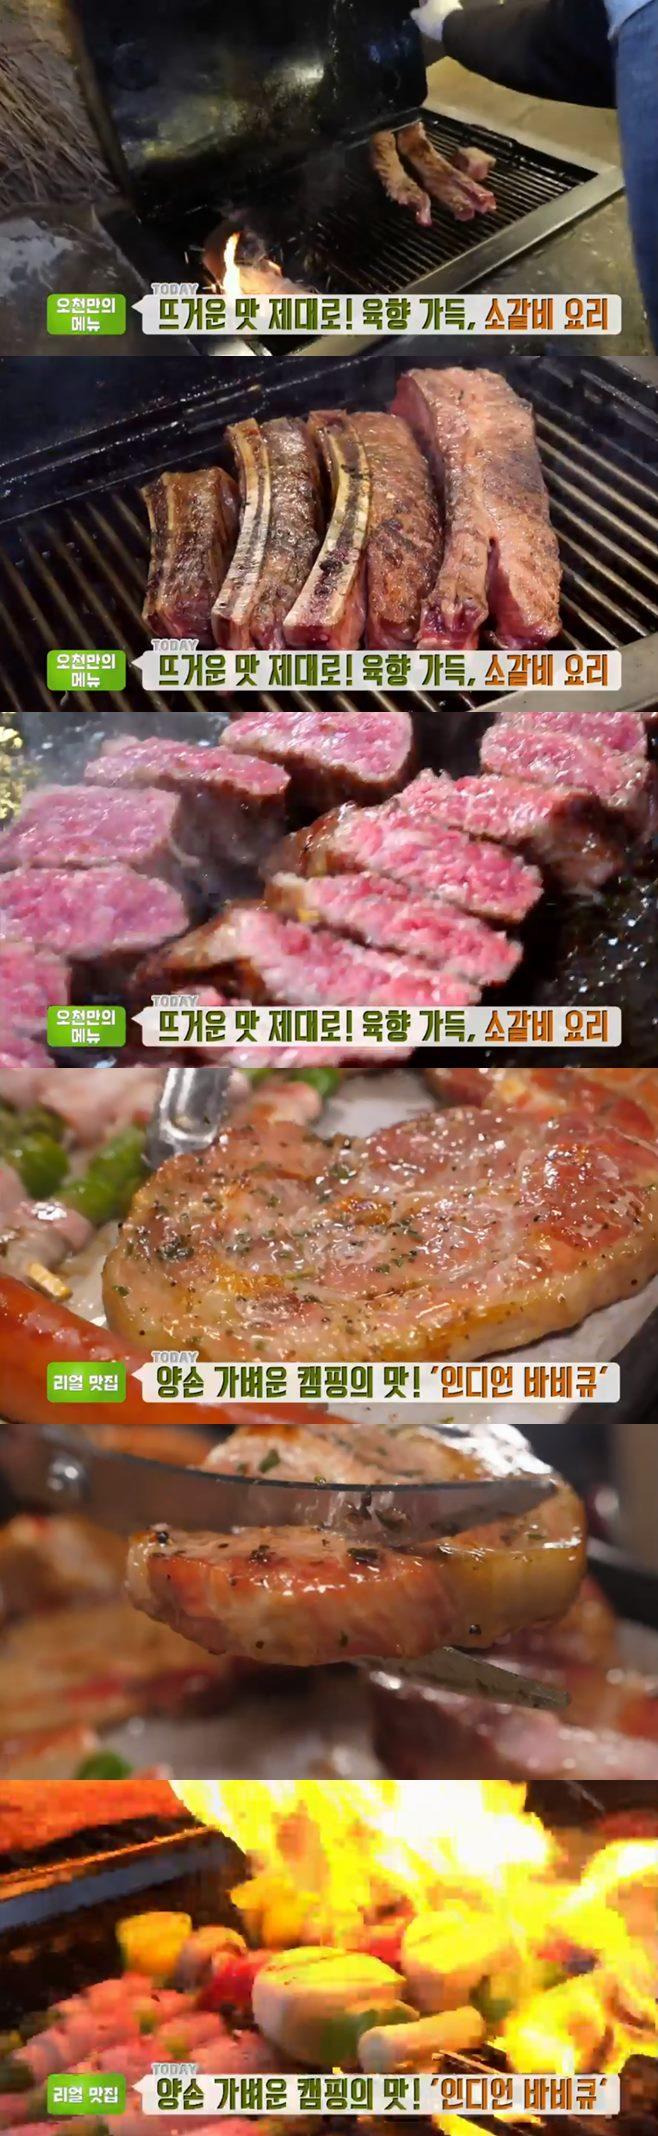 '생방송투데이' 볏짚우대갈비(삼돌박이수라육간)+인아온달+인디언바비큐(인디언독) 맛집